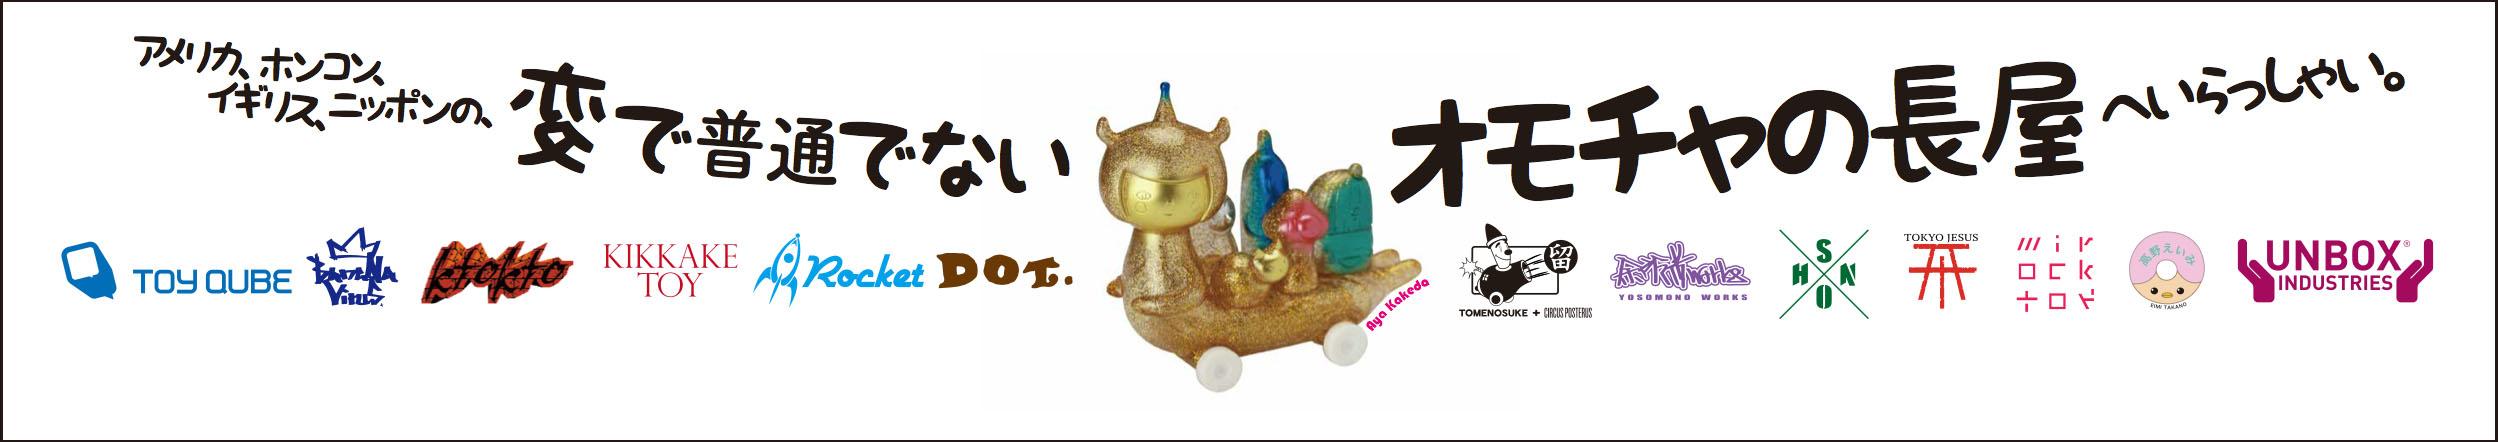 東京コミコン・留之助ブース情報 - ToyQubeモチャ_a0077842_20474582.jpg